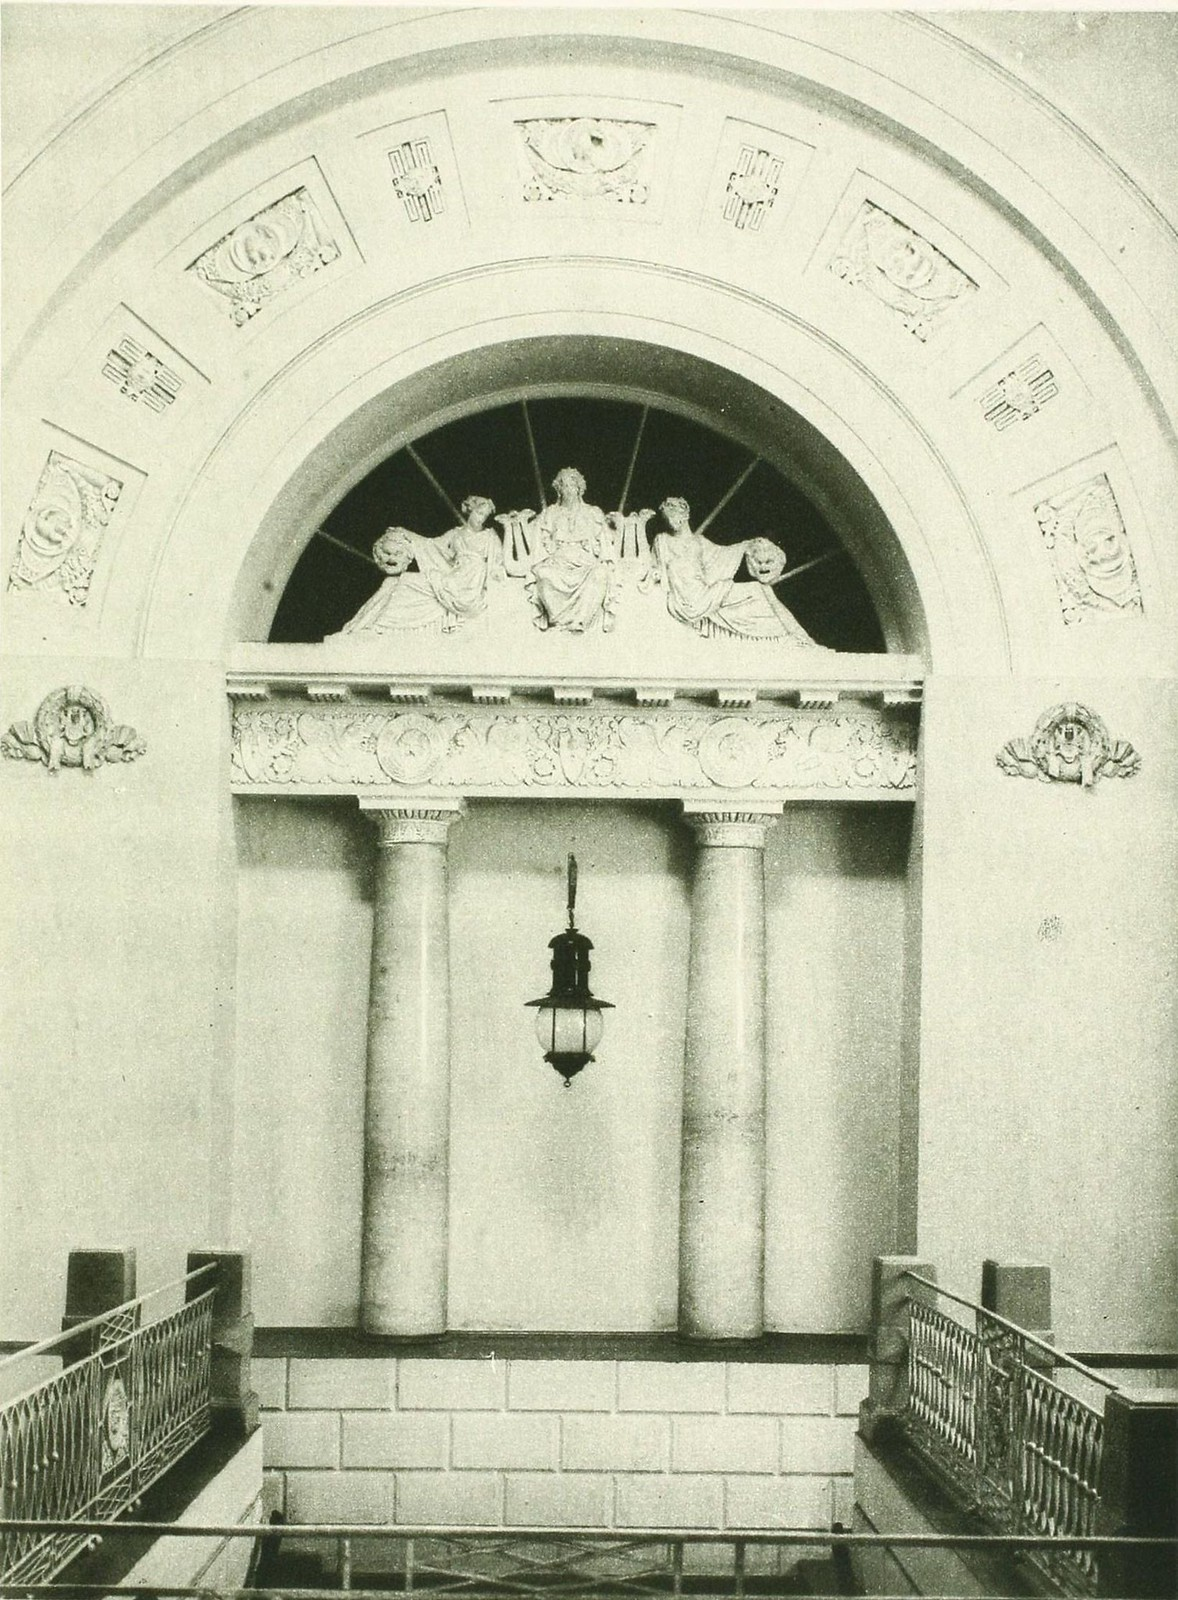 Здание Государственного Коннозаводства. Вестибюль